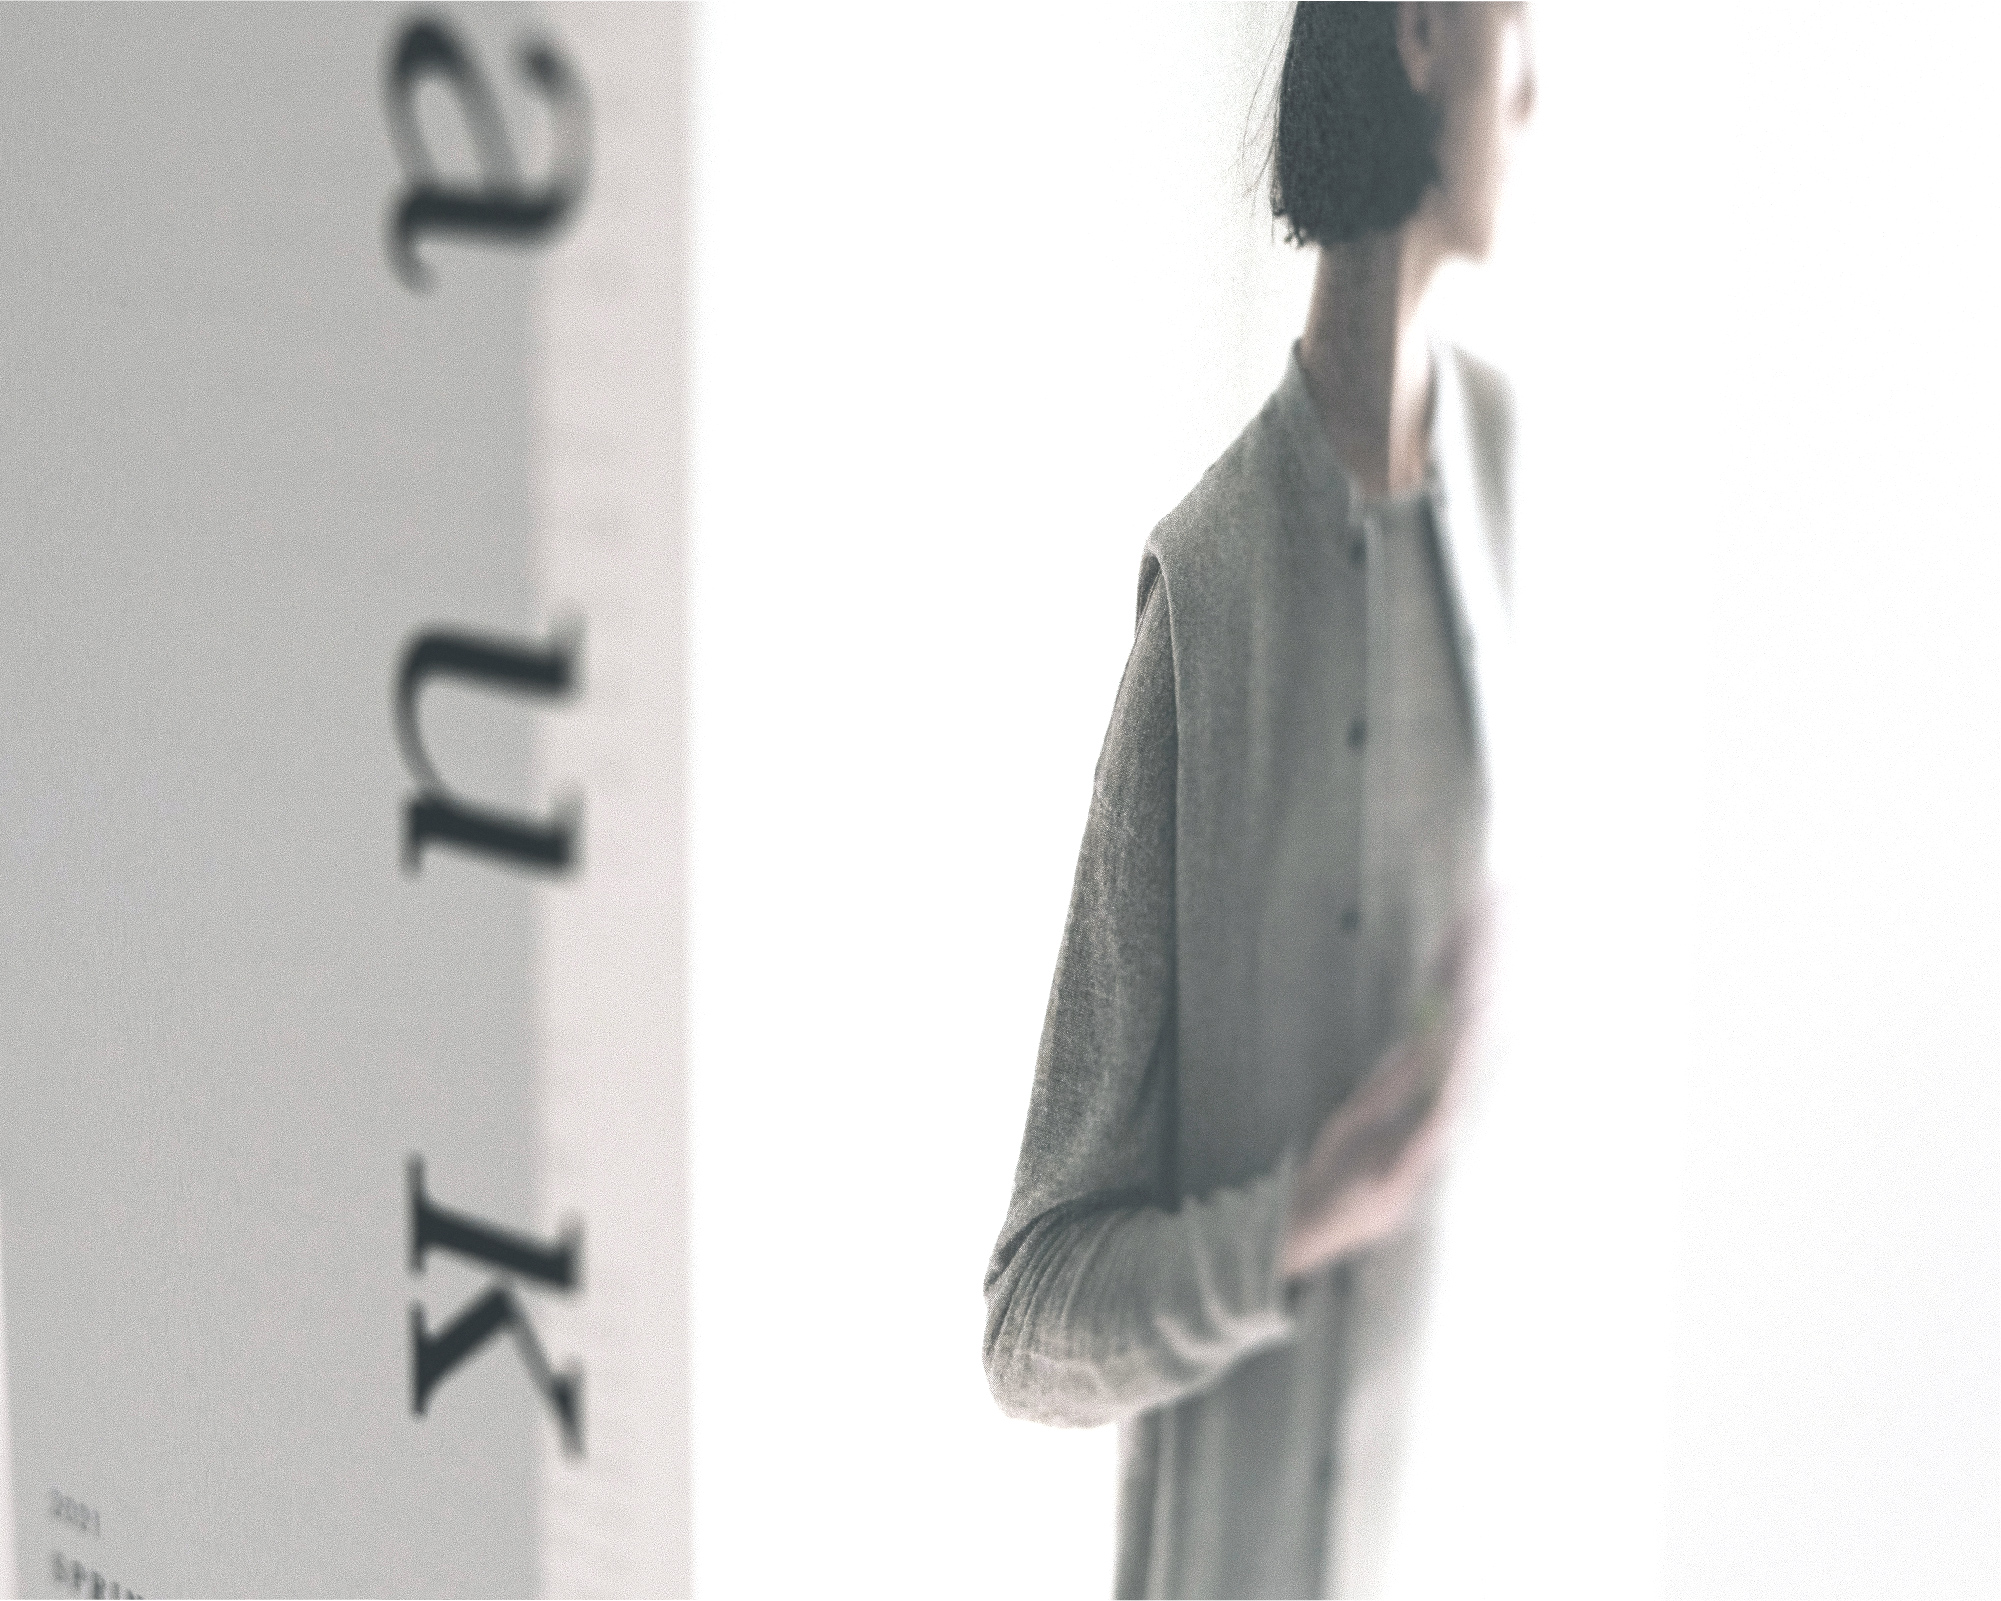 eauk 2020 A/Wのイメージ